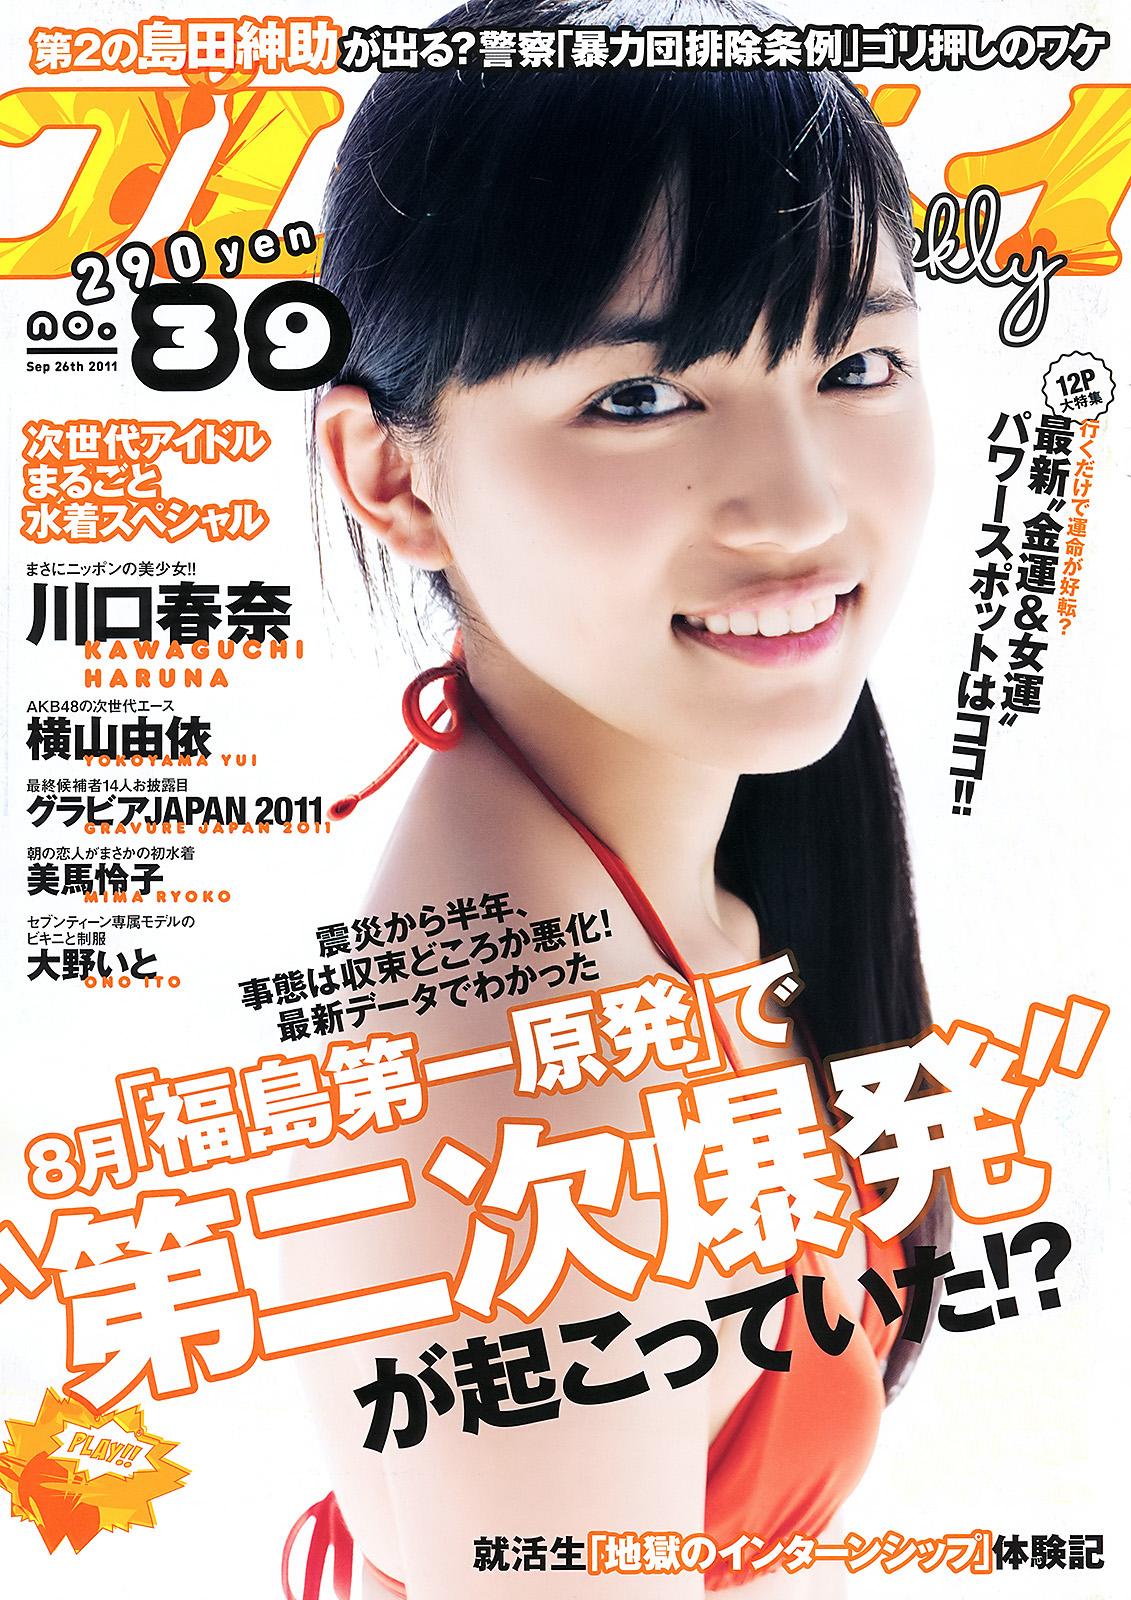 20151024.03.12 Weekly Playboy (2011.39) 001 (JPOP.ru).jpg